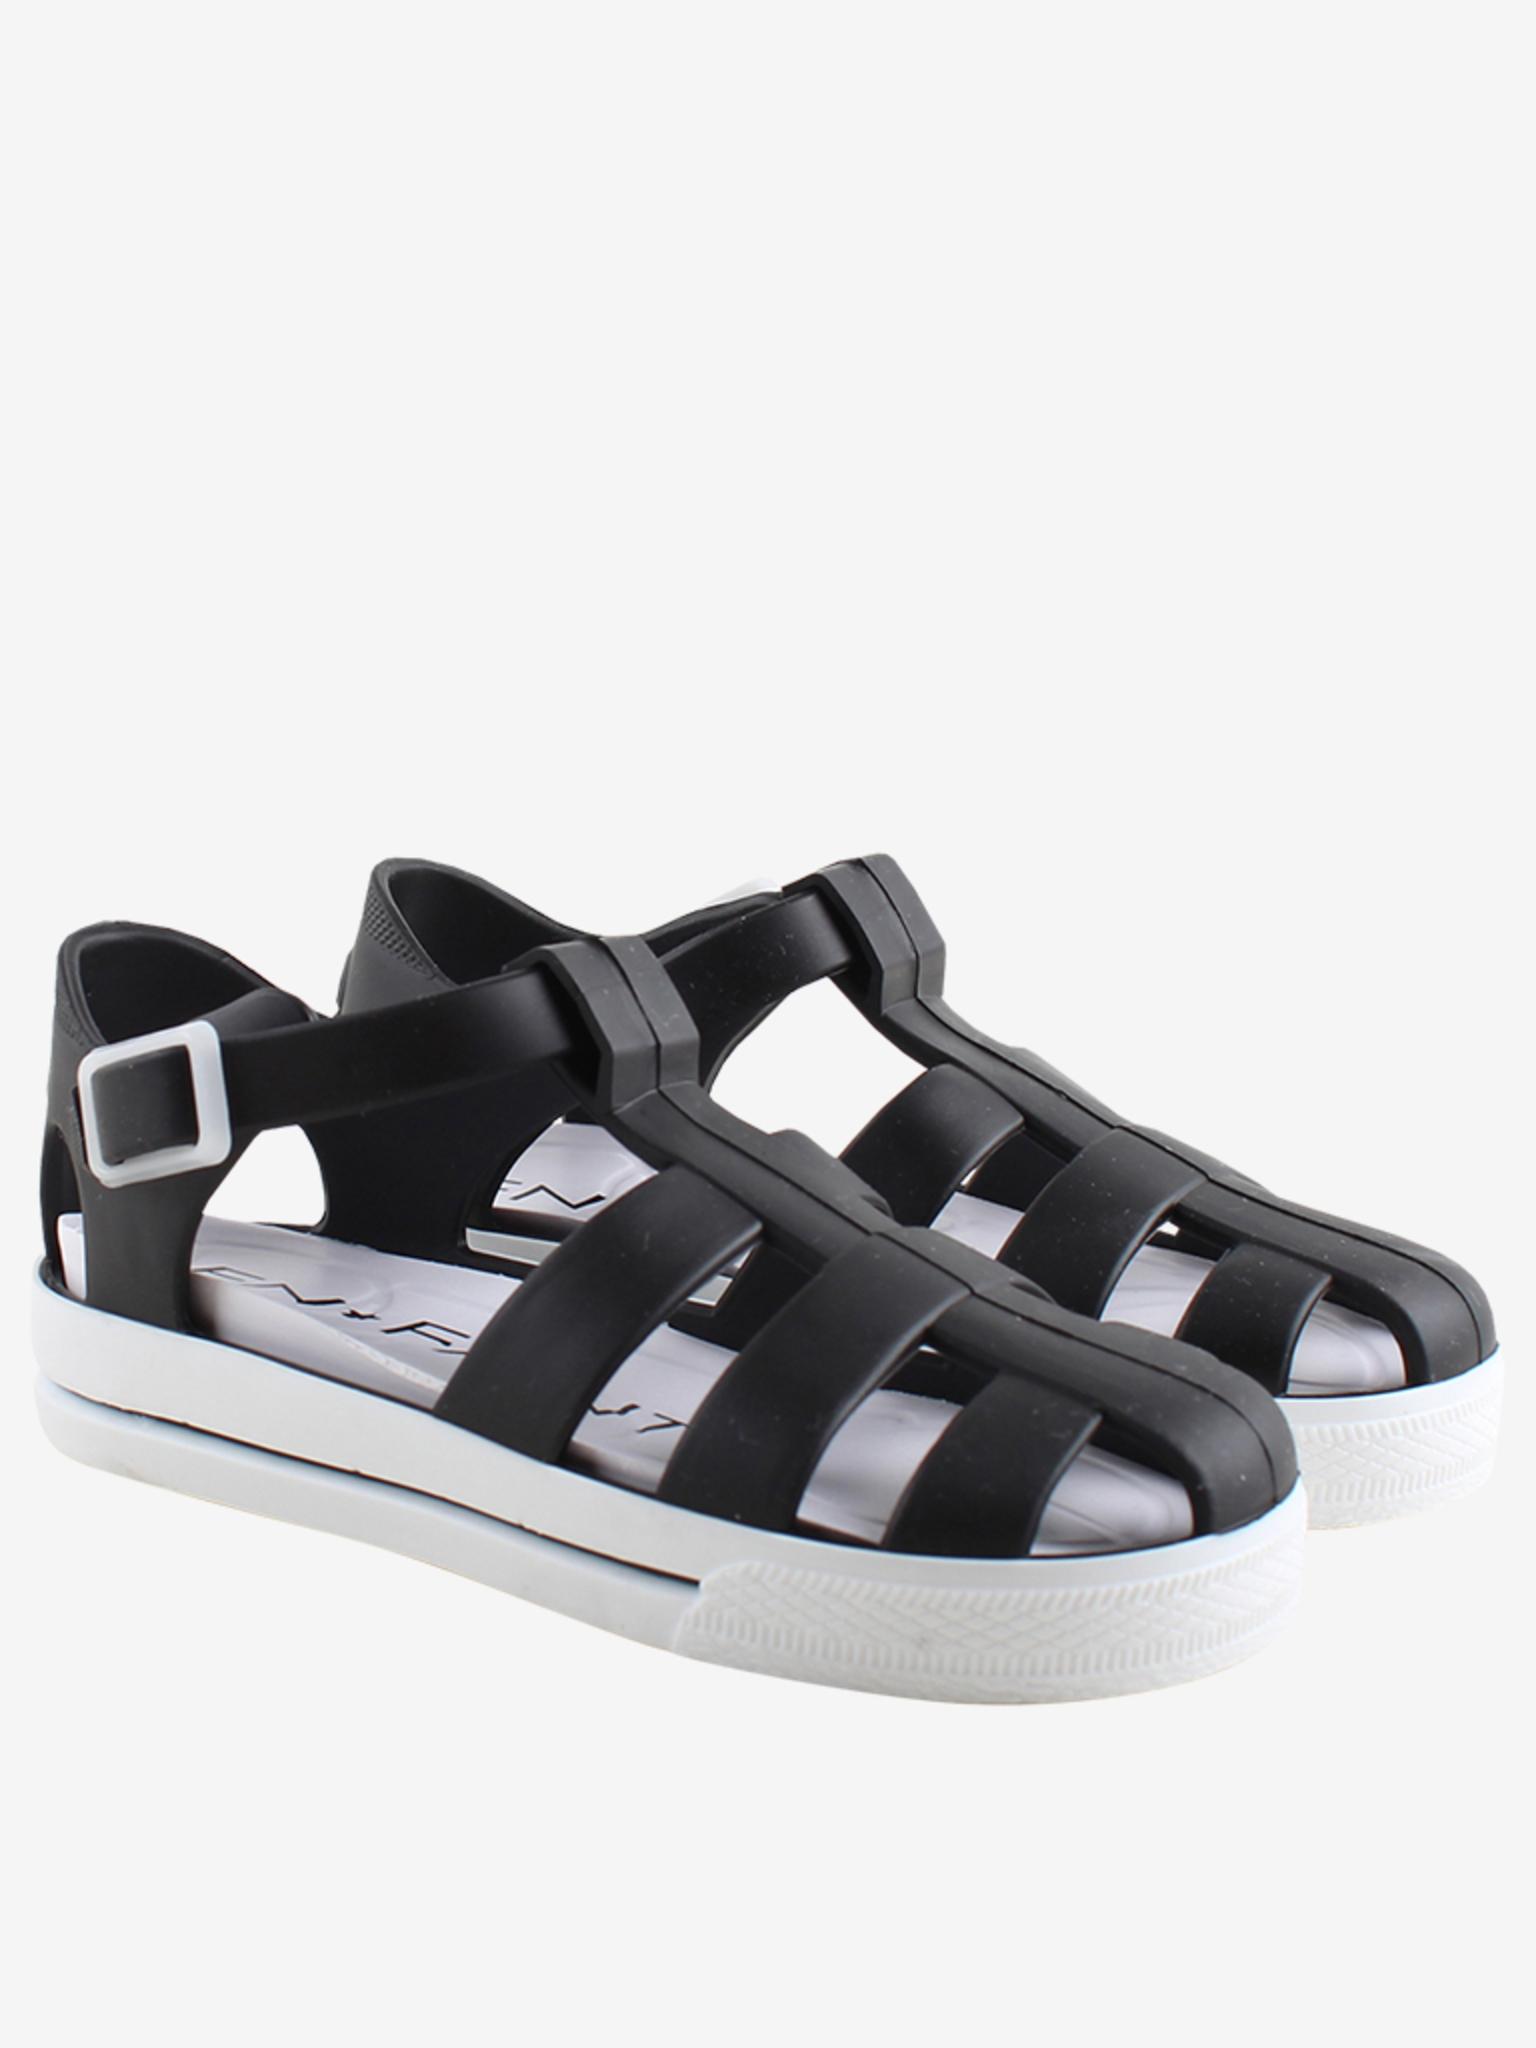 En Fant dětské pryžové sandálky 815264 - 00